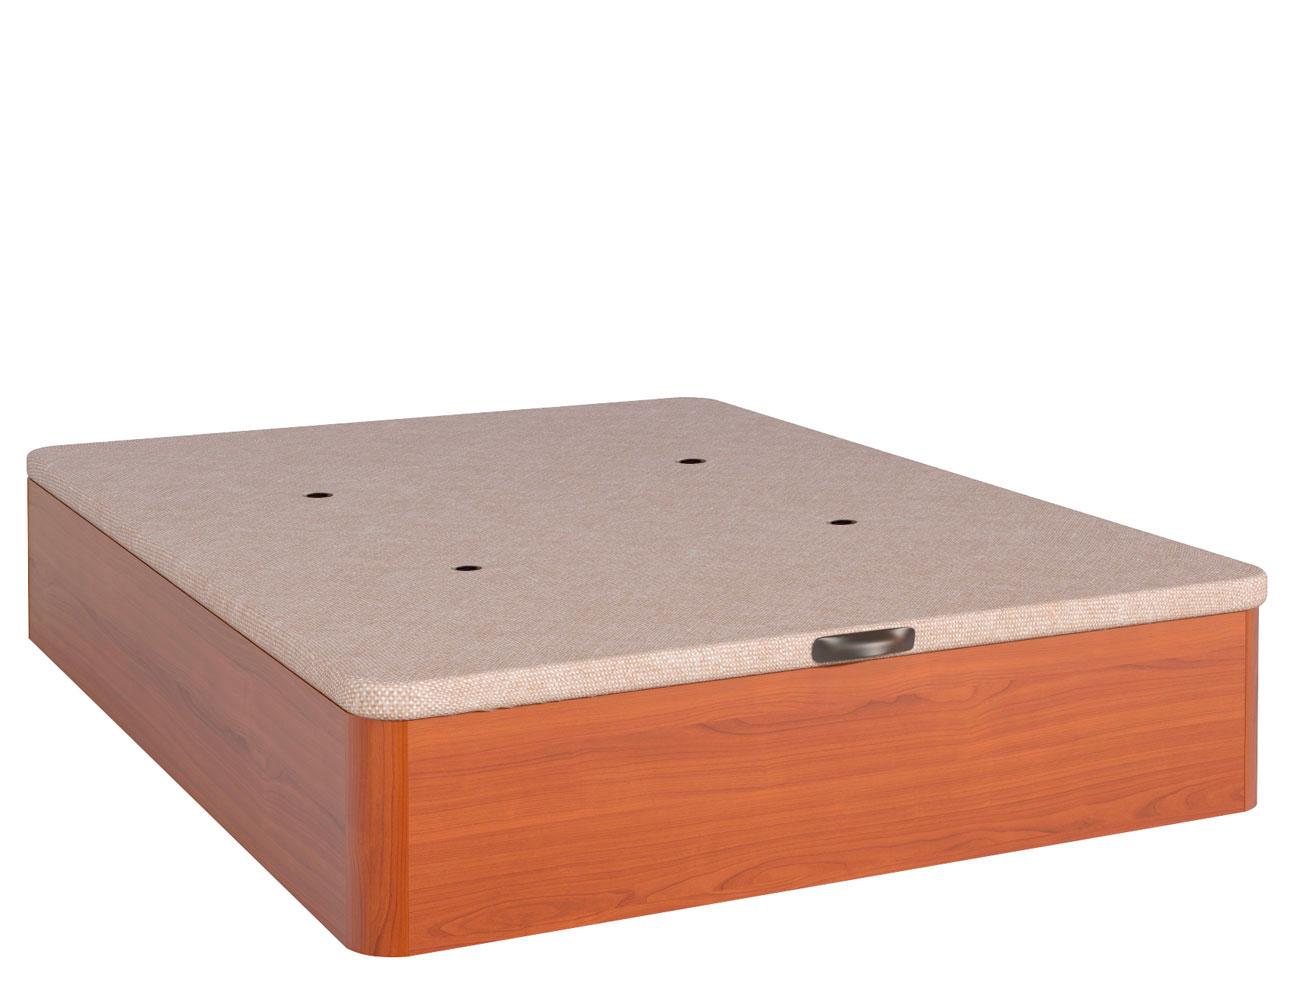 Canape madera ebro tapa 3d nogal